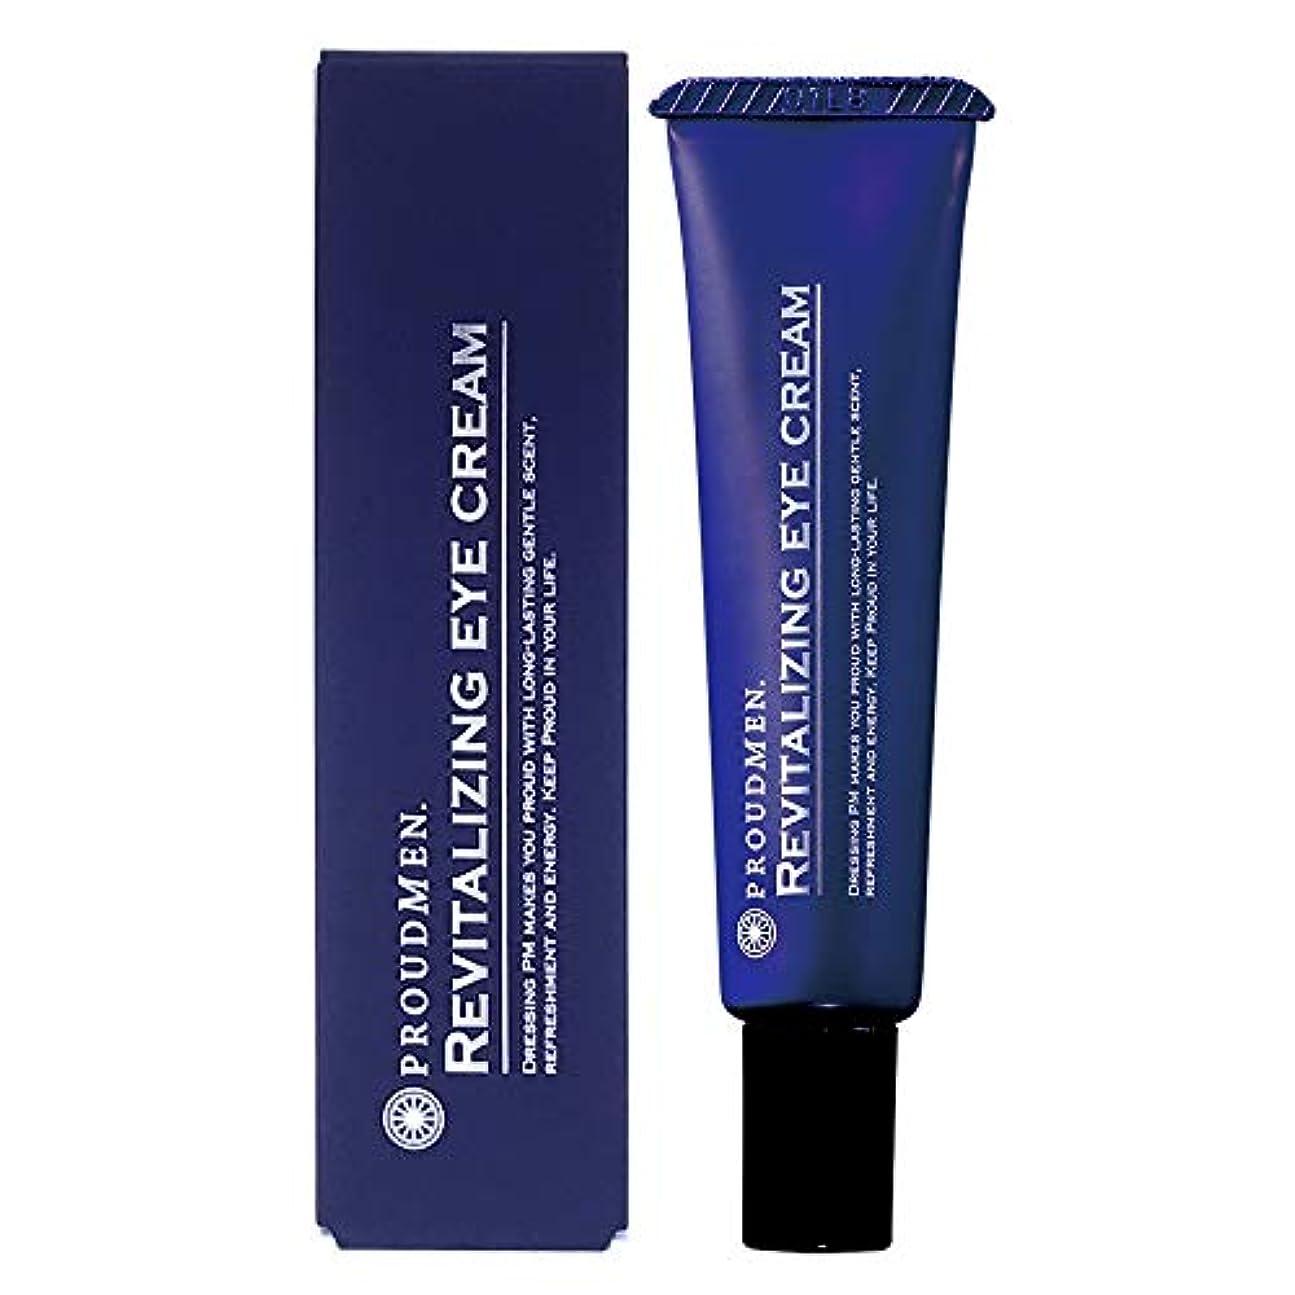 誰の作成するハンディプラウドメン リバイタライジングアイクリーム 12g (グルーミング?シトラスの香り) 目元クリーム メンズコスメ 男性用化粧品